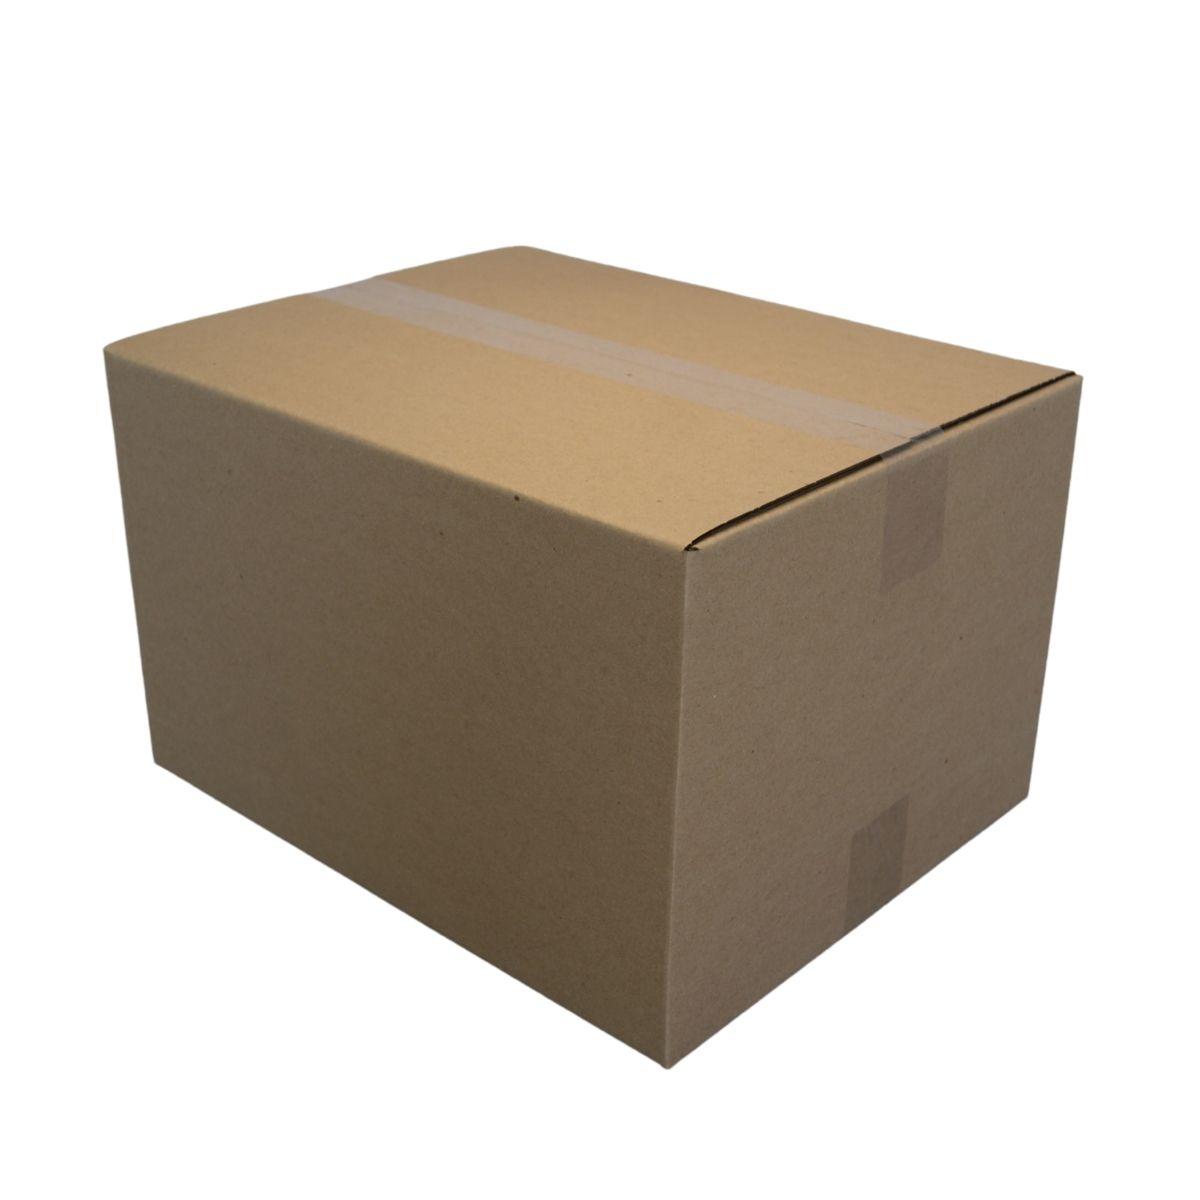 50 Caixas de Papelao (35X28X22)cm - Sedex / Pac / Correios